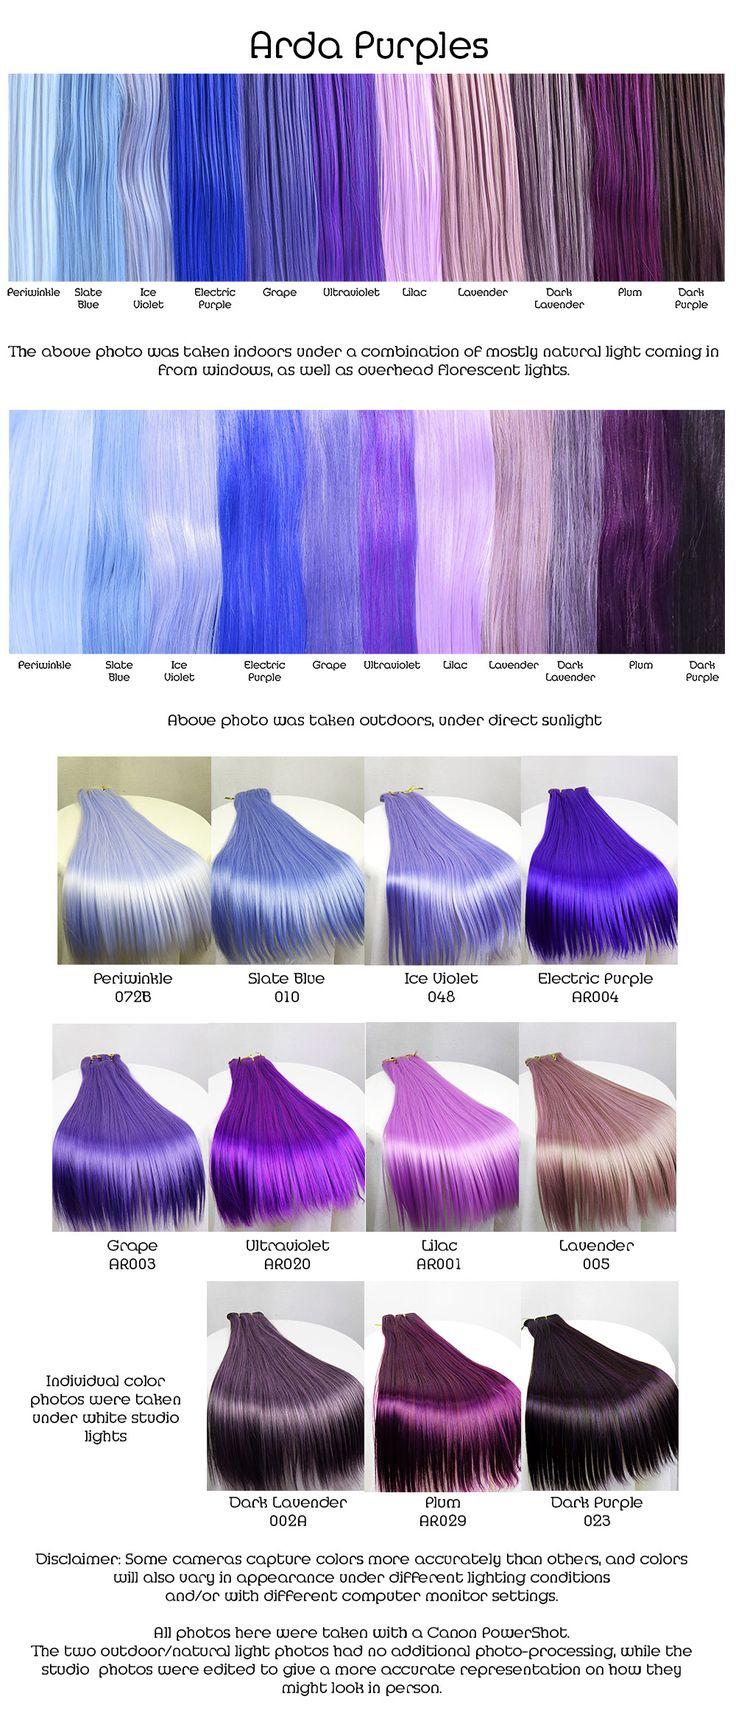 Arda Wigs Purples Jpg X Pixels Dark Lavender A Dark